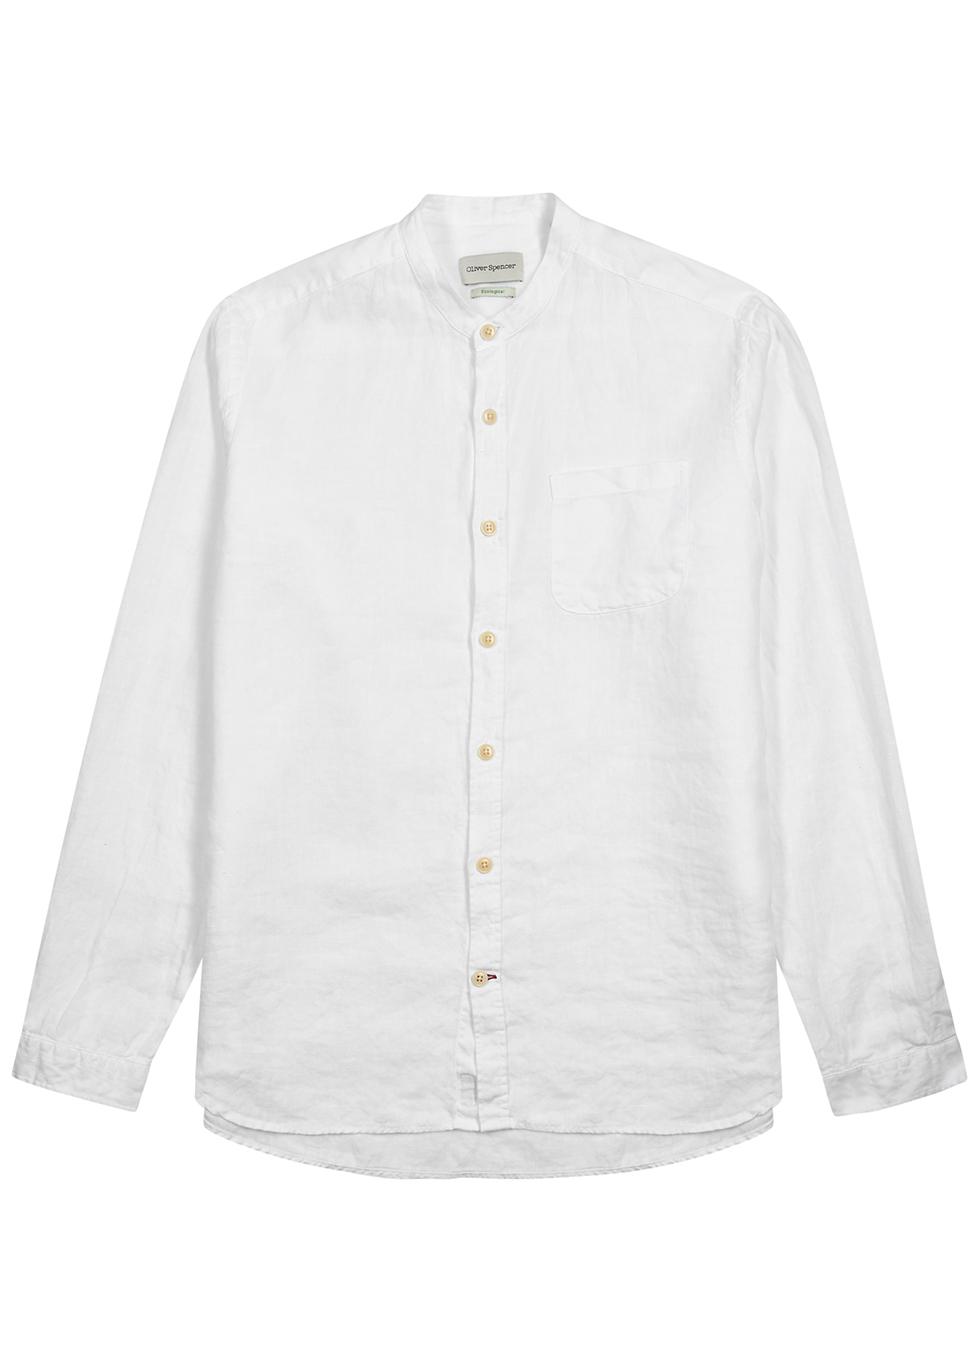 Kent white linen shirt